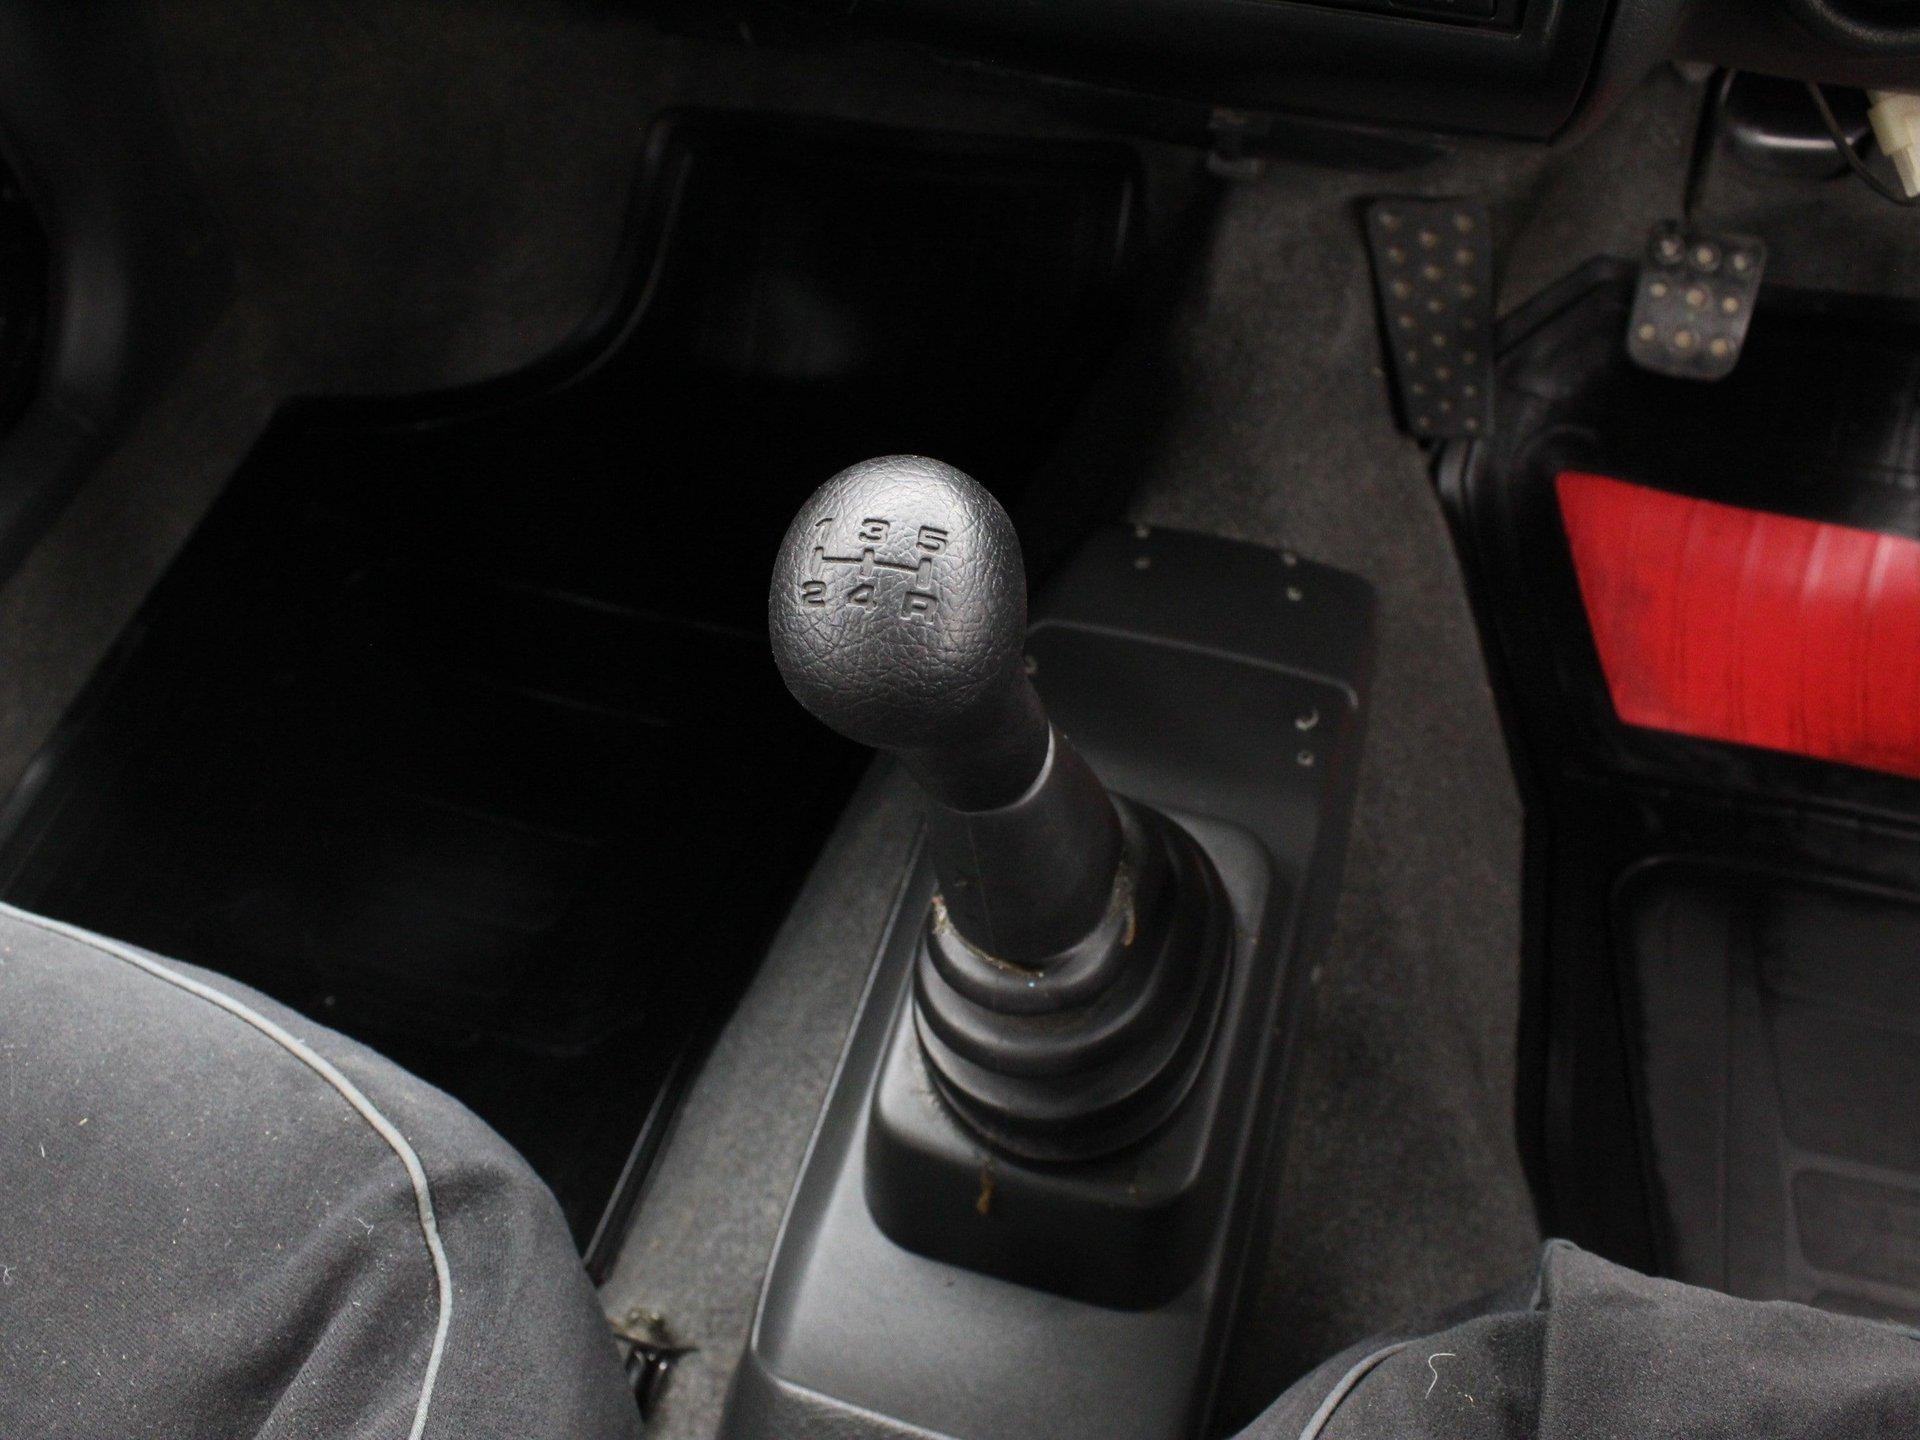 1992 Suzuki Cervo